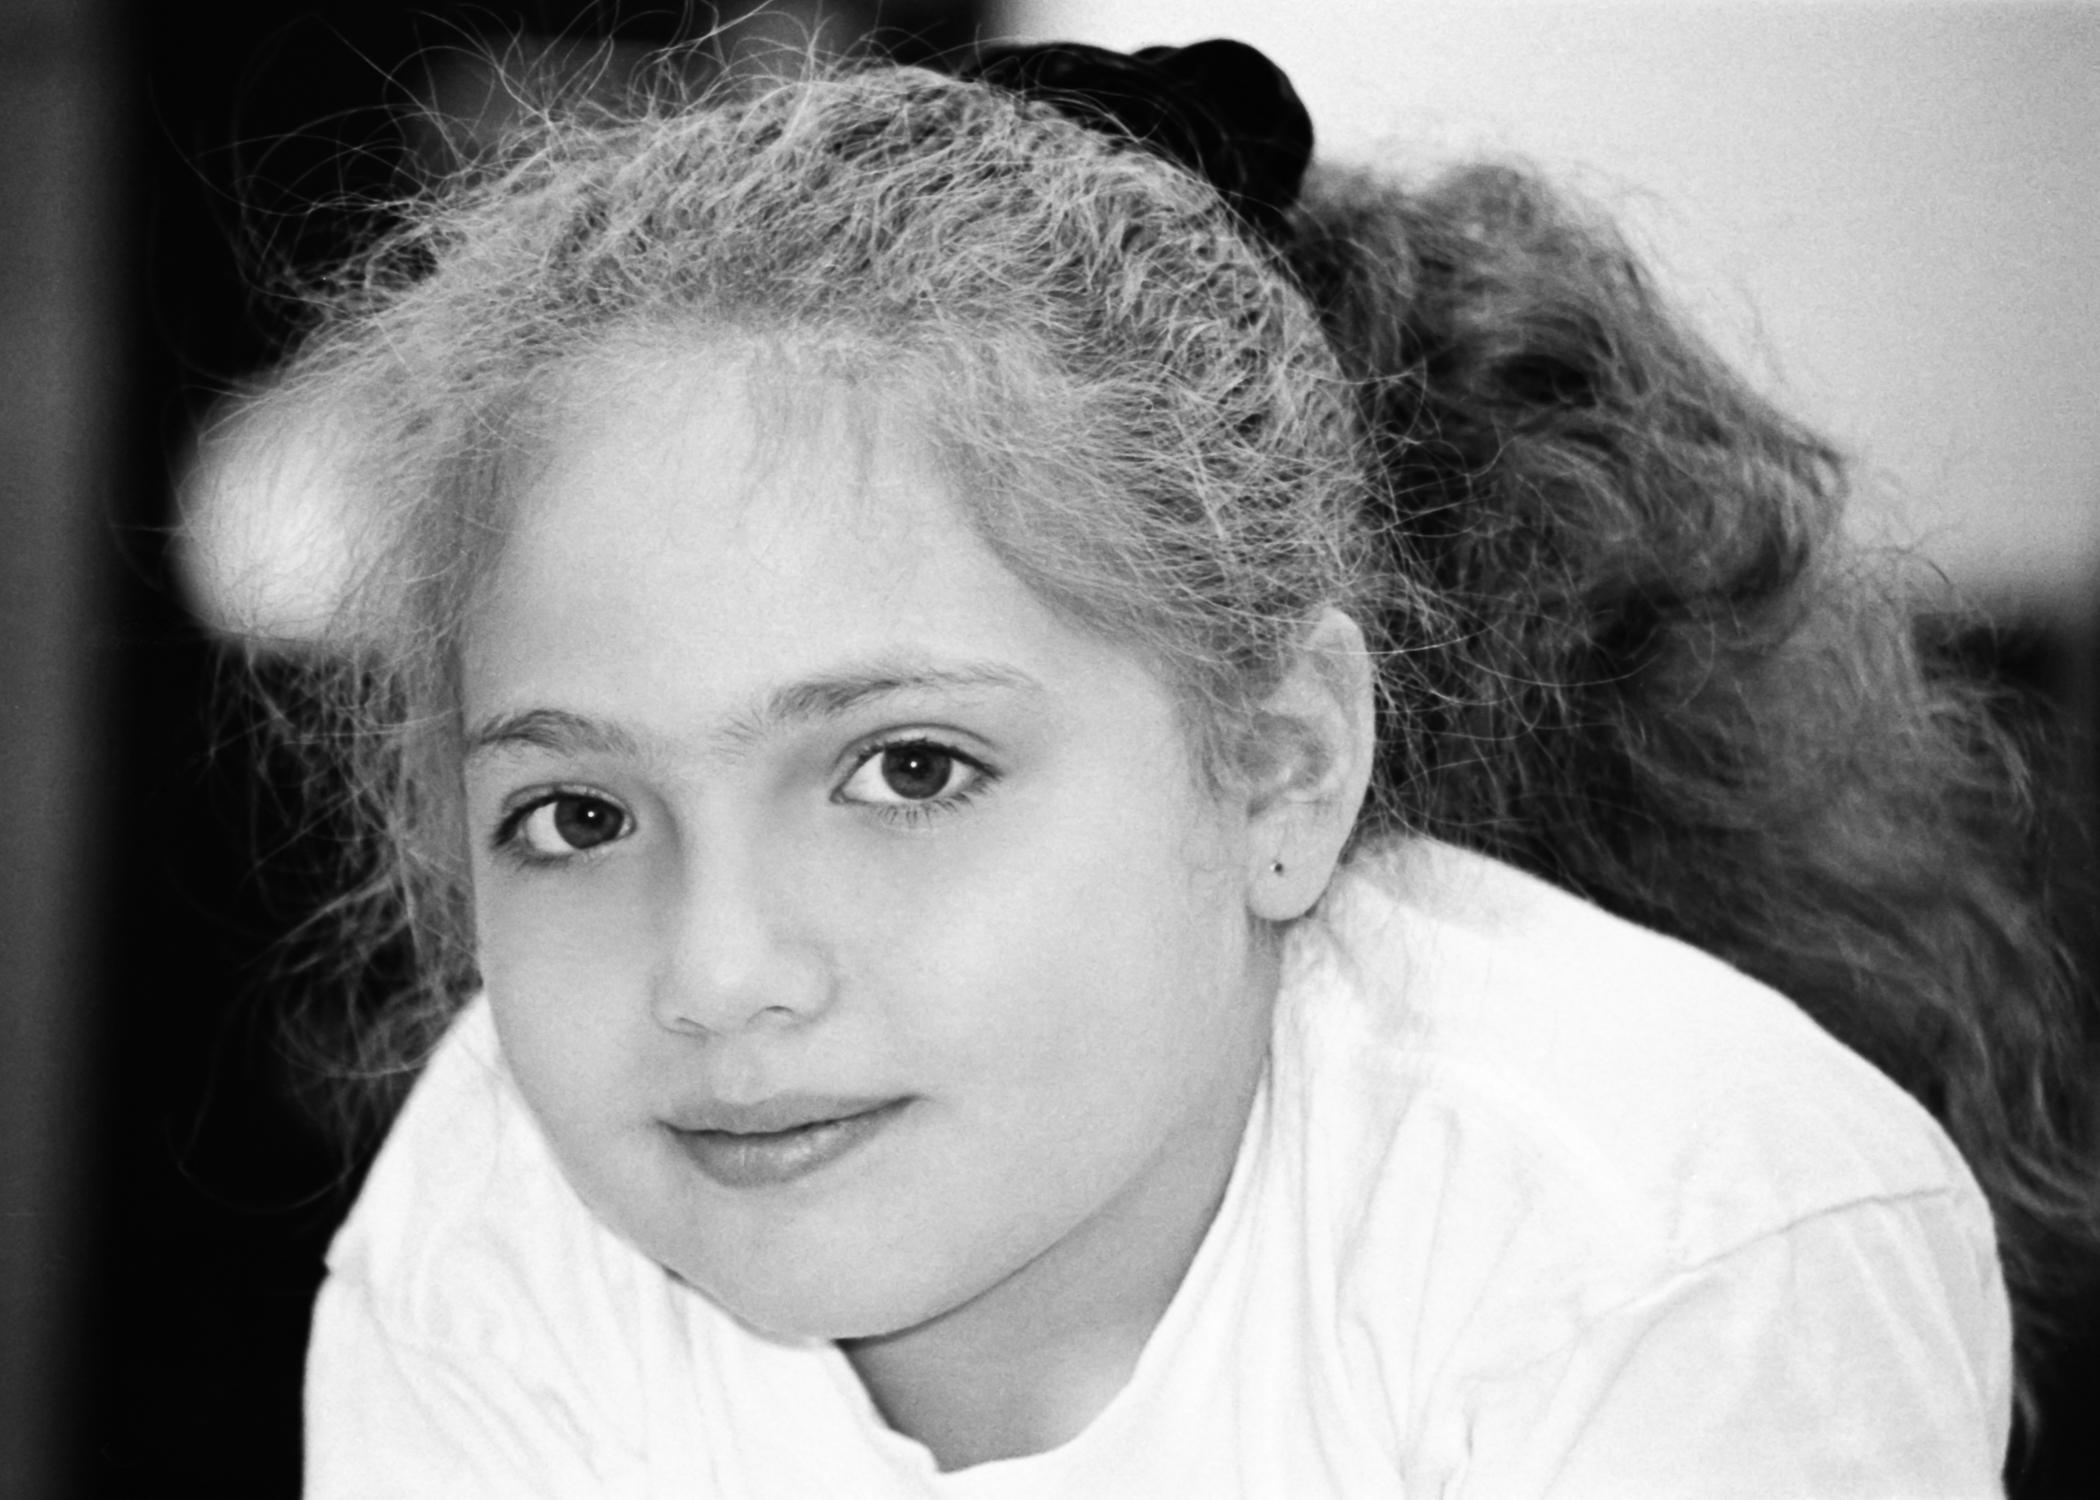 Arielle '98